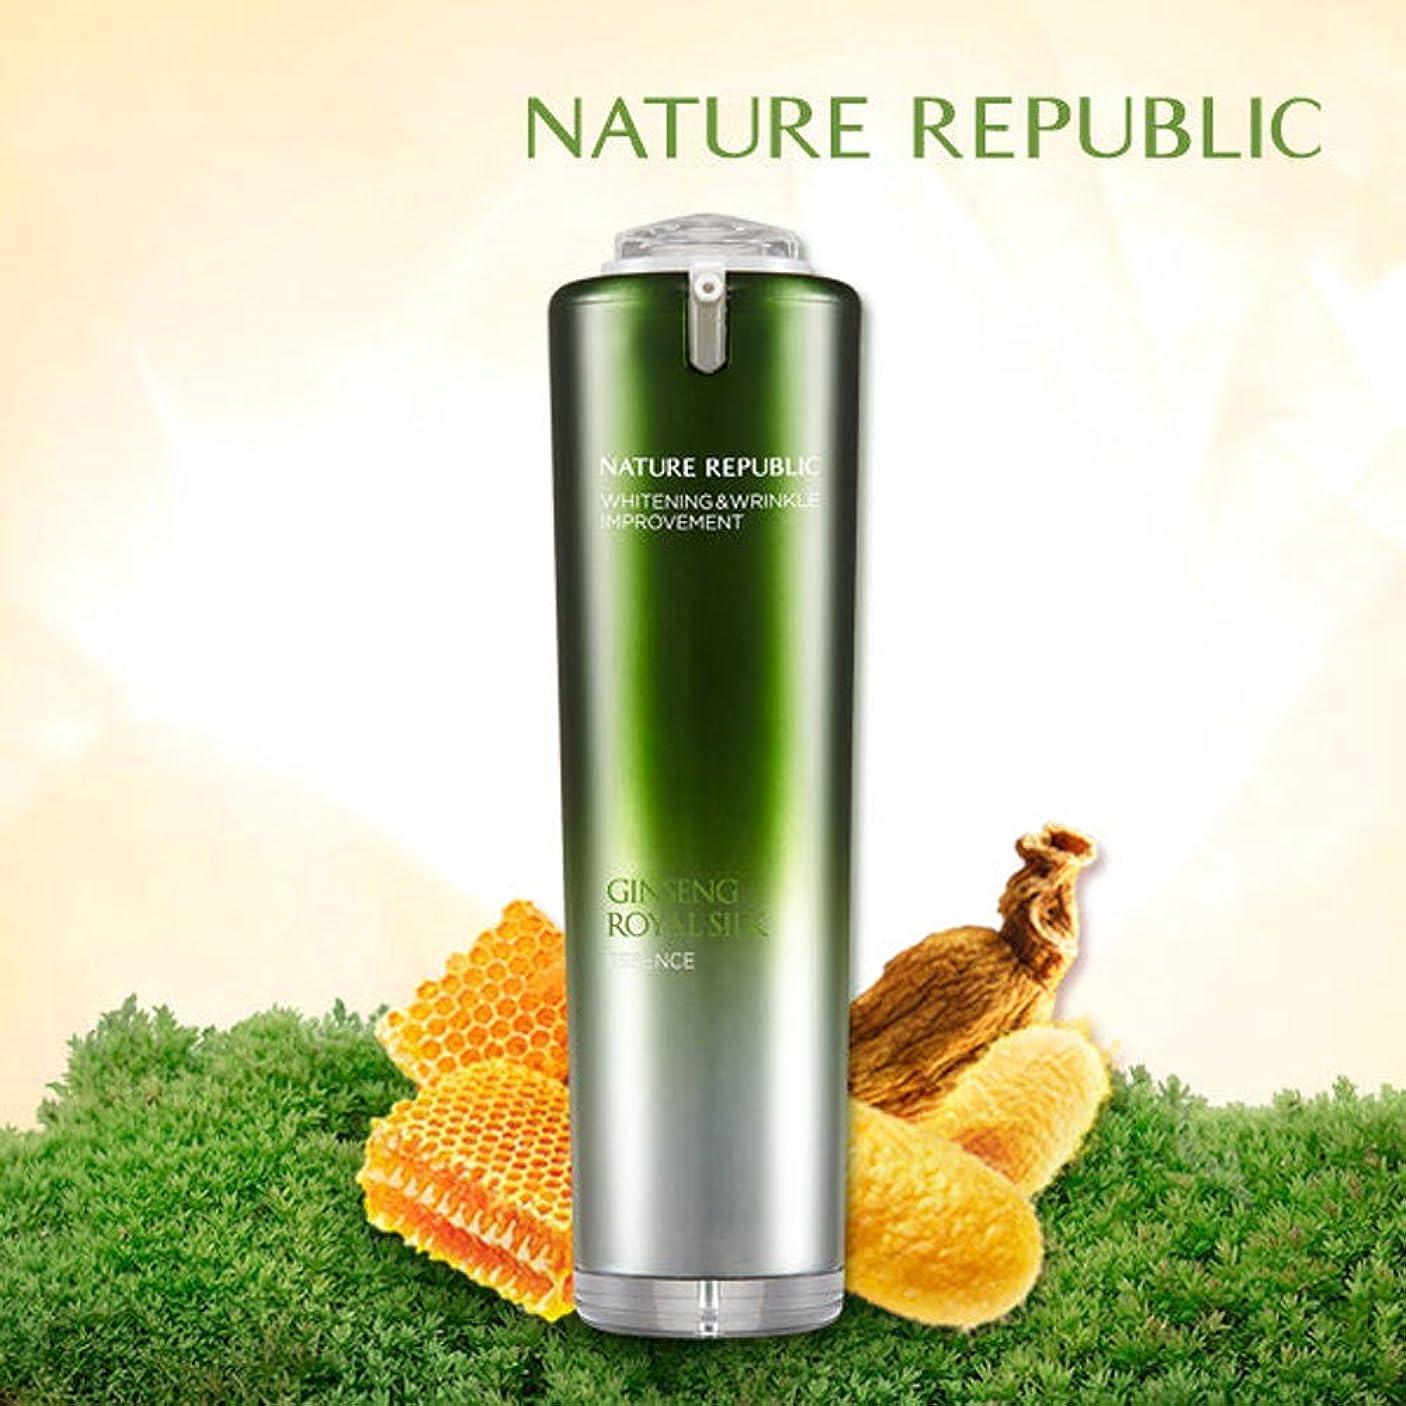 ロードされた金額移民NATURE REPUBLIC/人参ロイヤルシルクウォーターリーエッセンスNature Republic、Ginseng Royal silk Watery Essence 40ml(海外直送品)